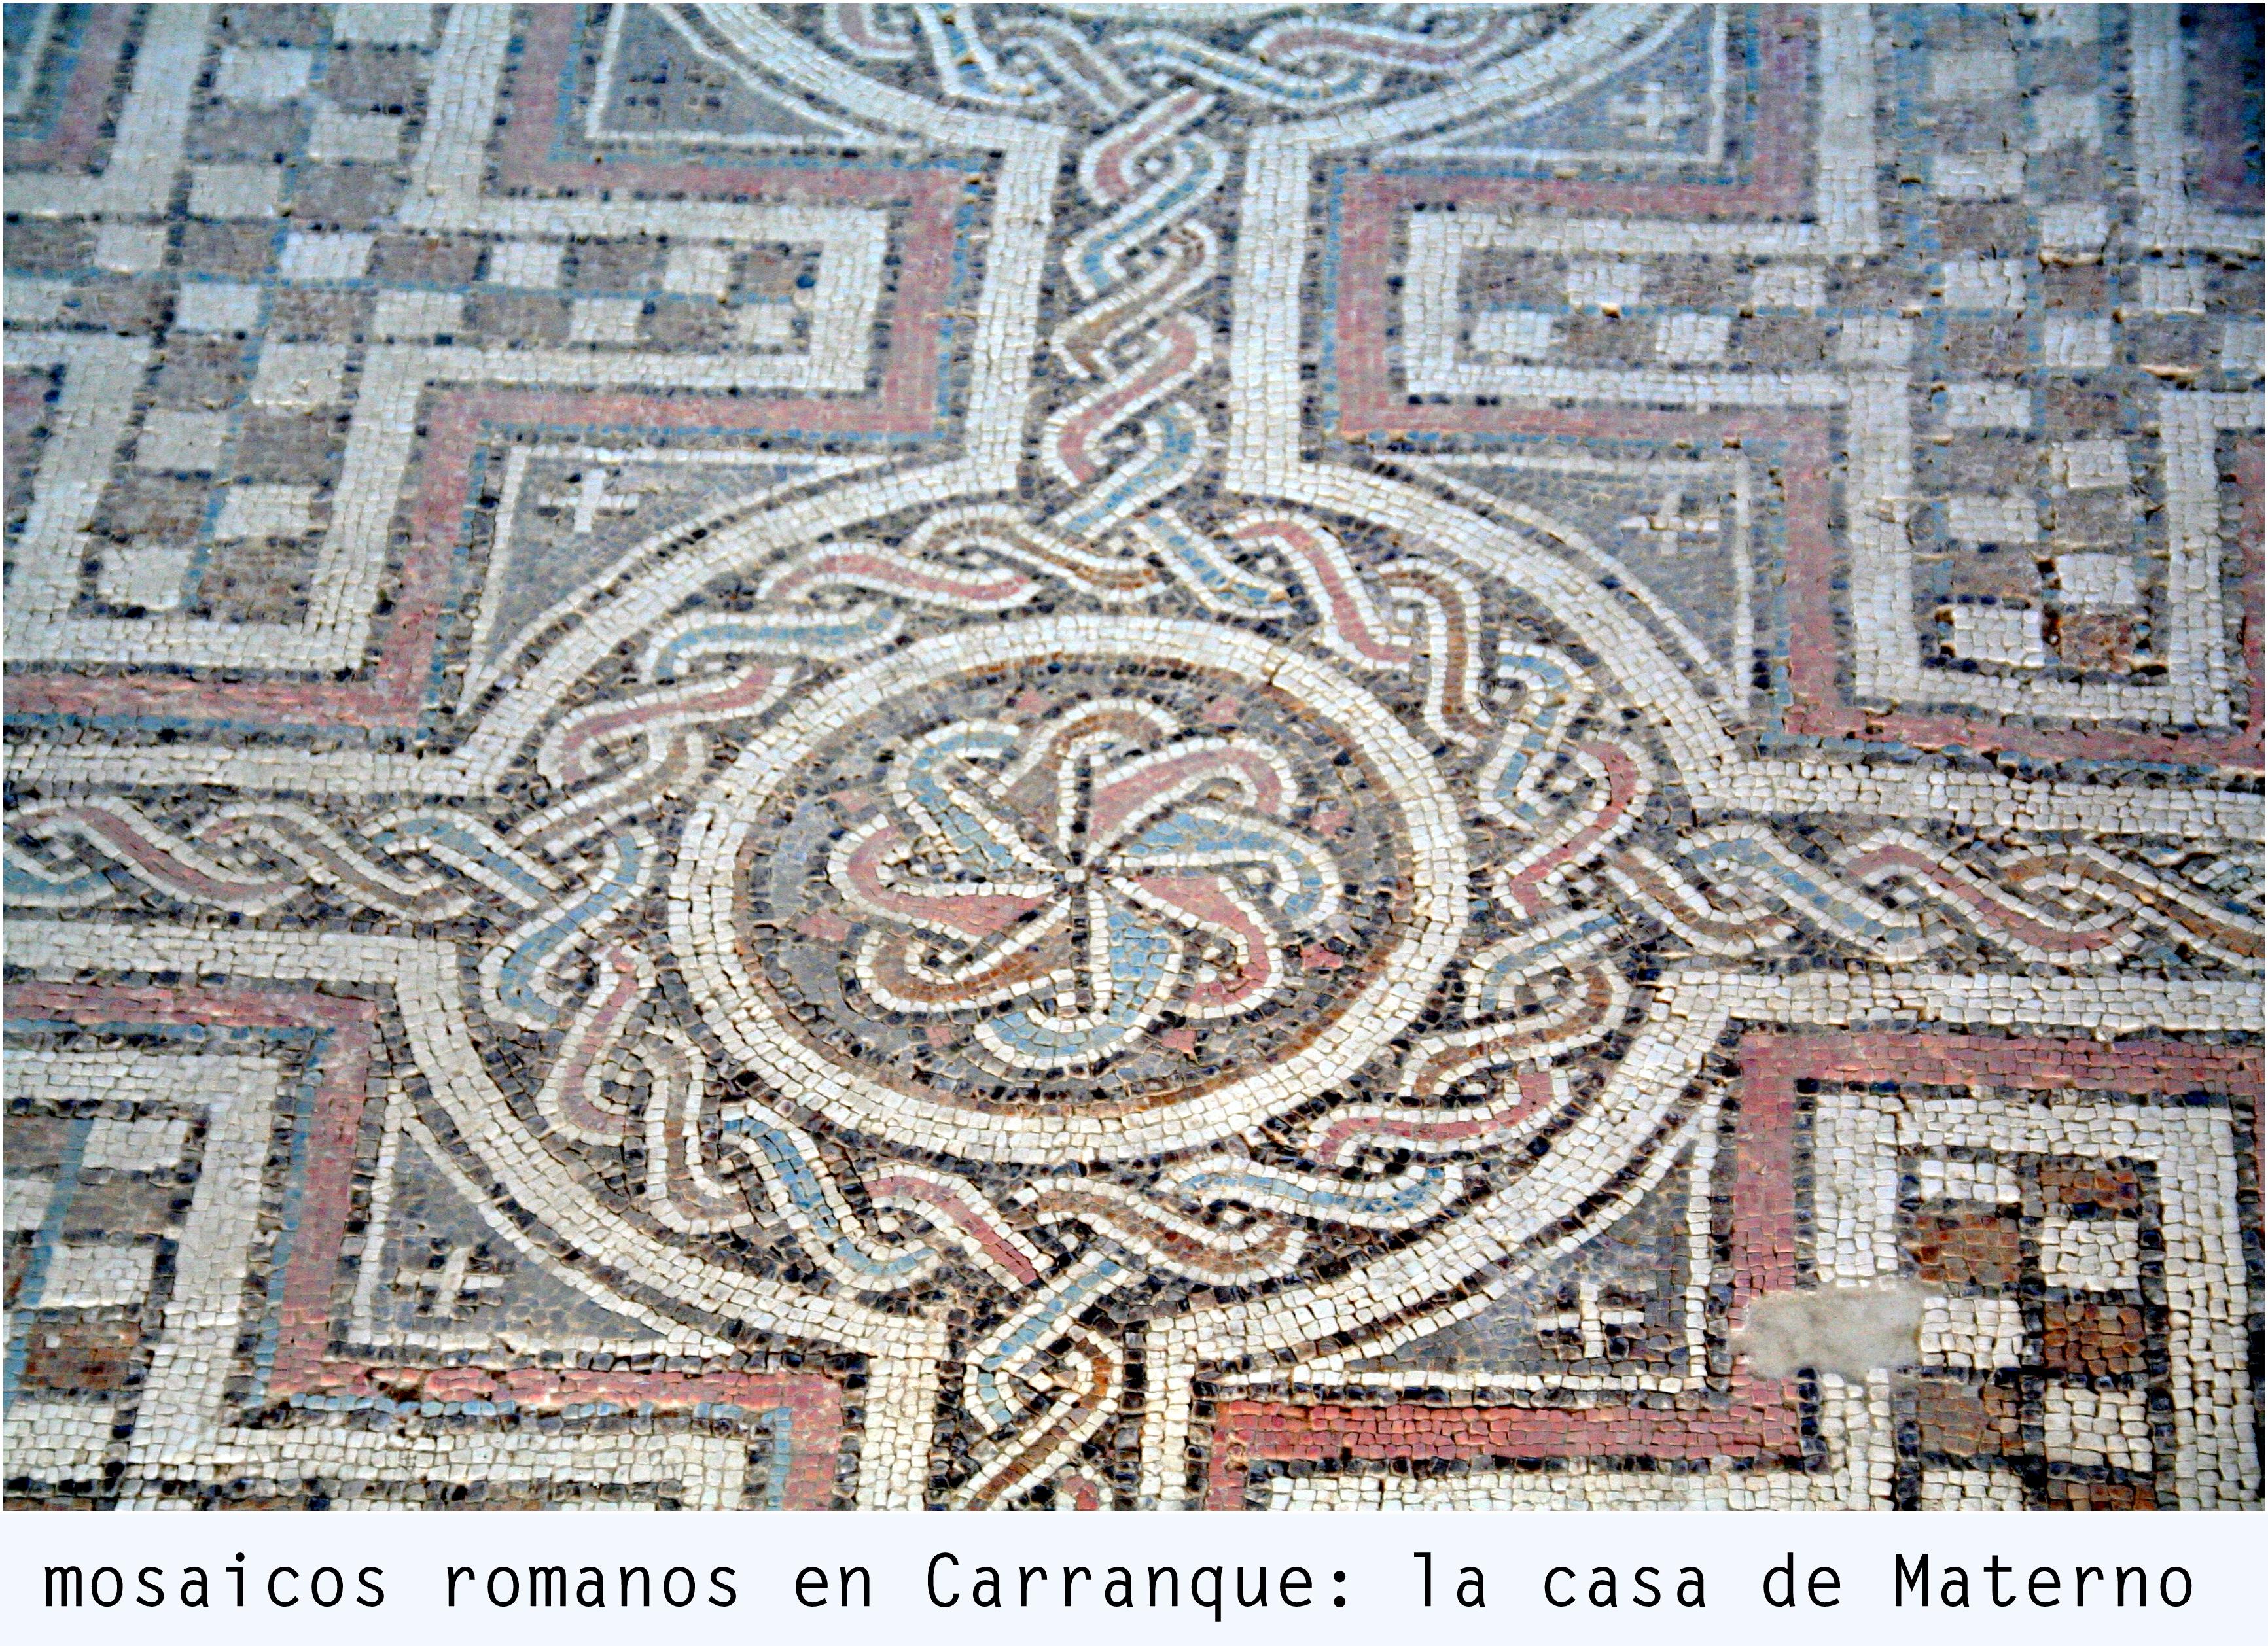 Mosaicos romanos en carranque la casa de materno for Mosaico romano